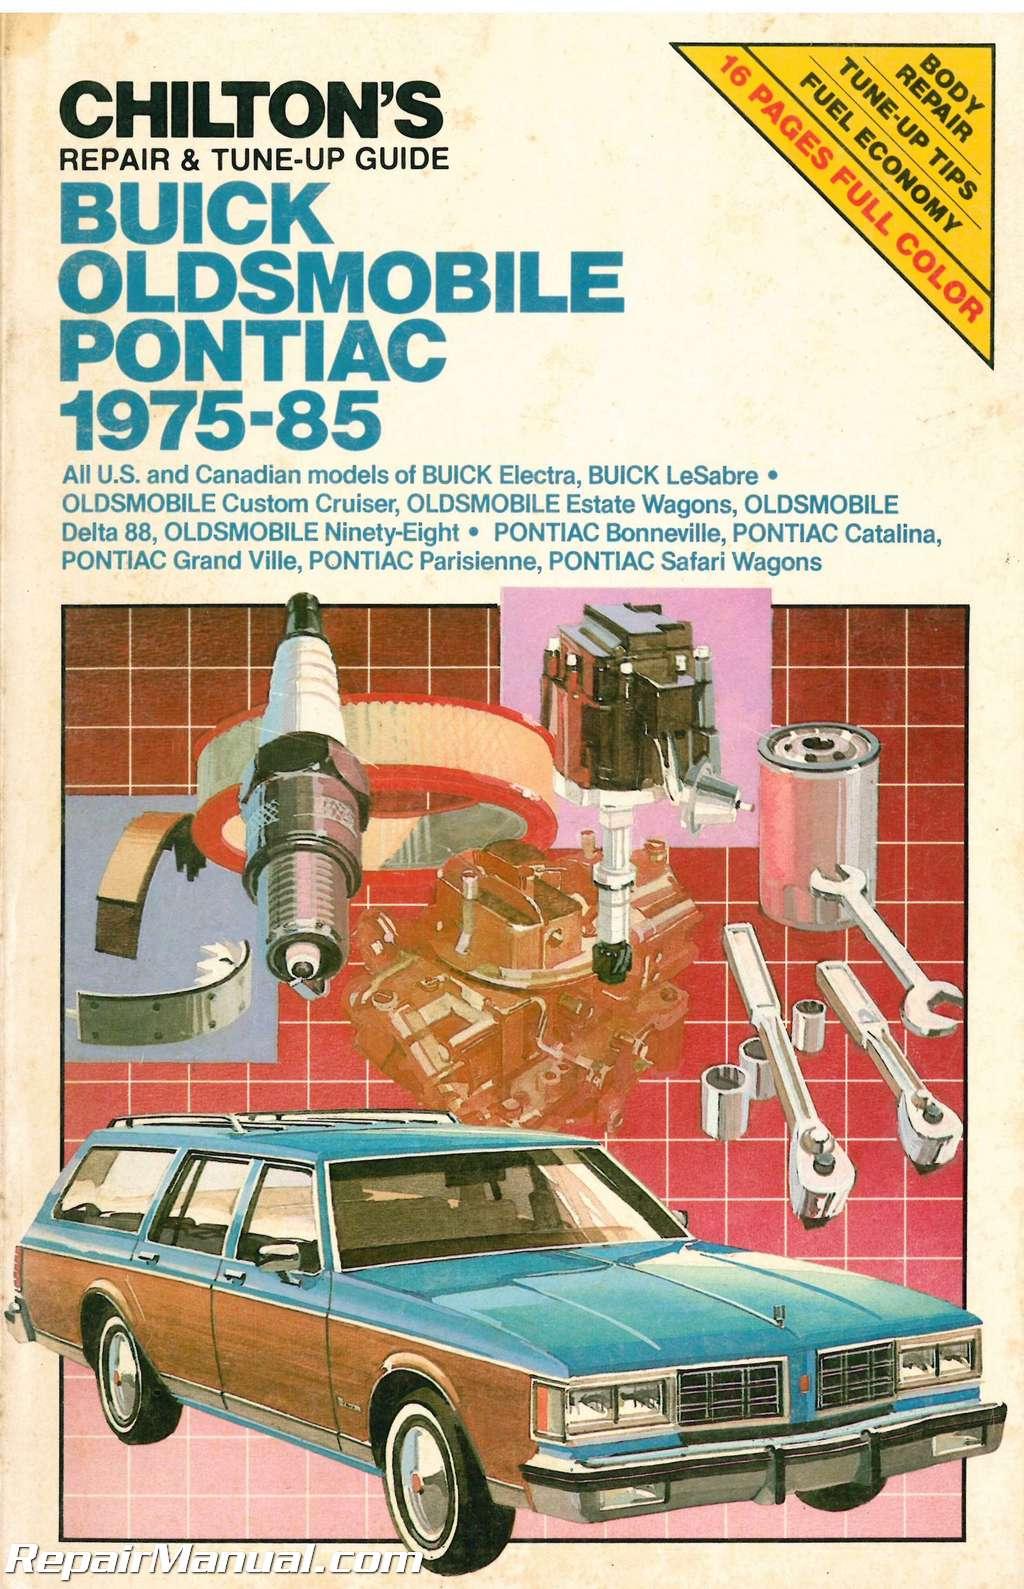 used chilton buick oldsmobile pontiac 1975 1985 repair manual rh repairmanual com 1995 Buick LeSabre 1990 buick lesabre repair manual